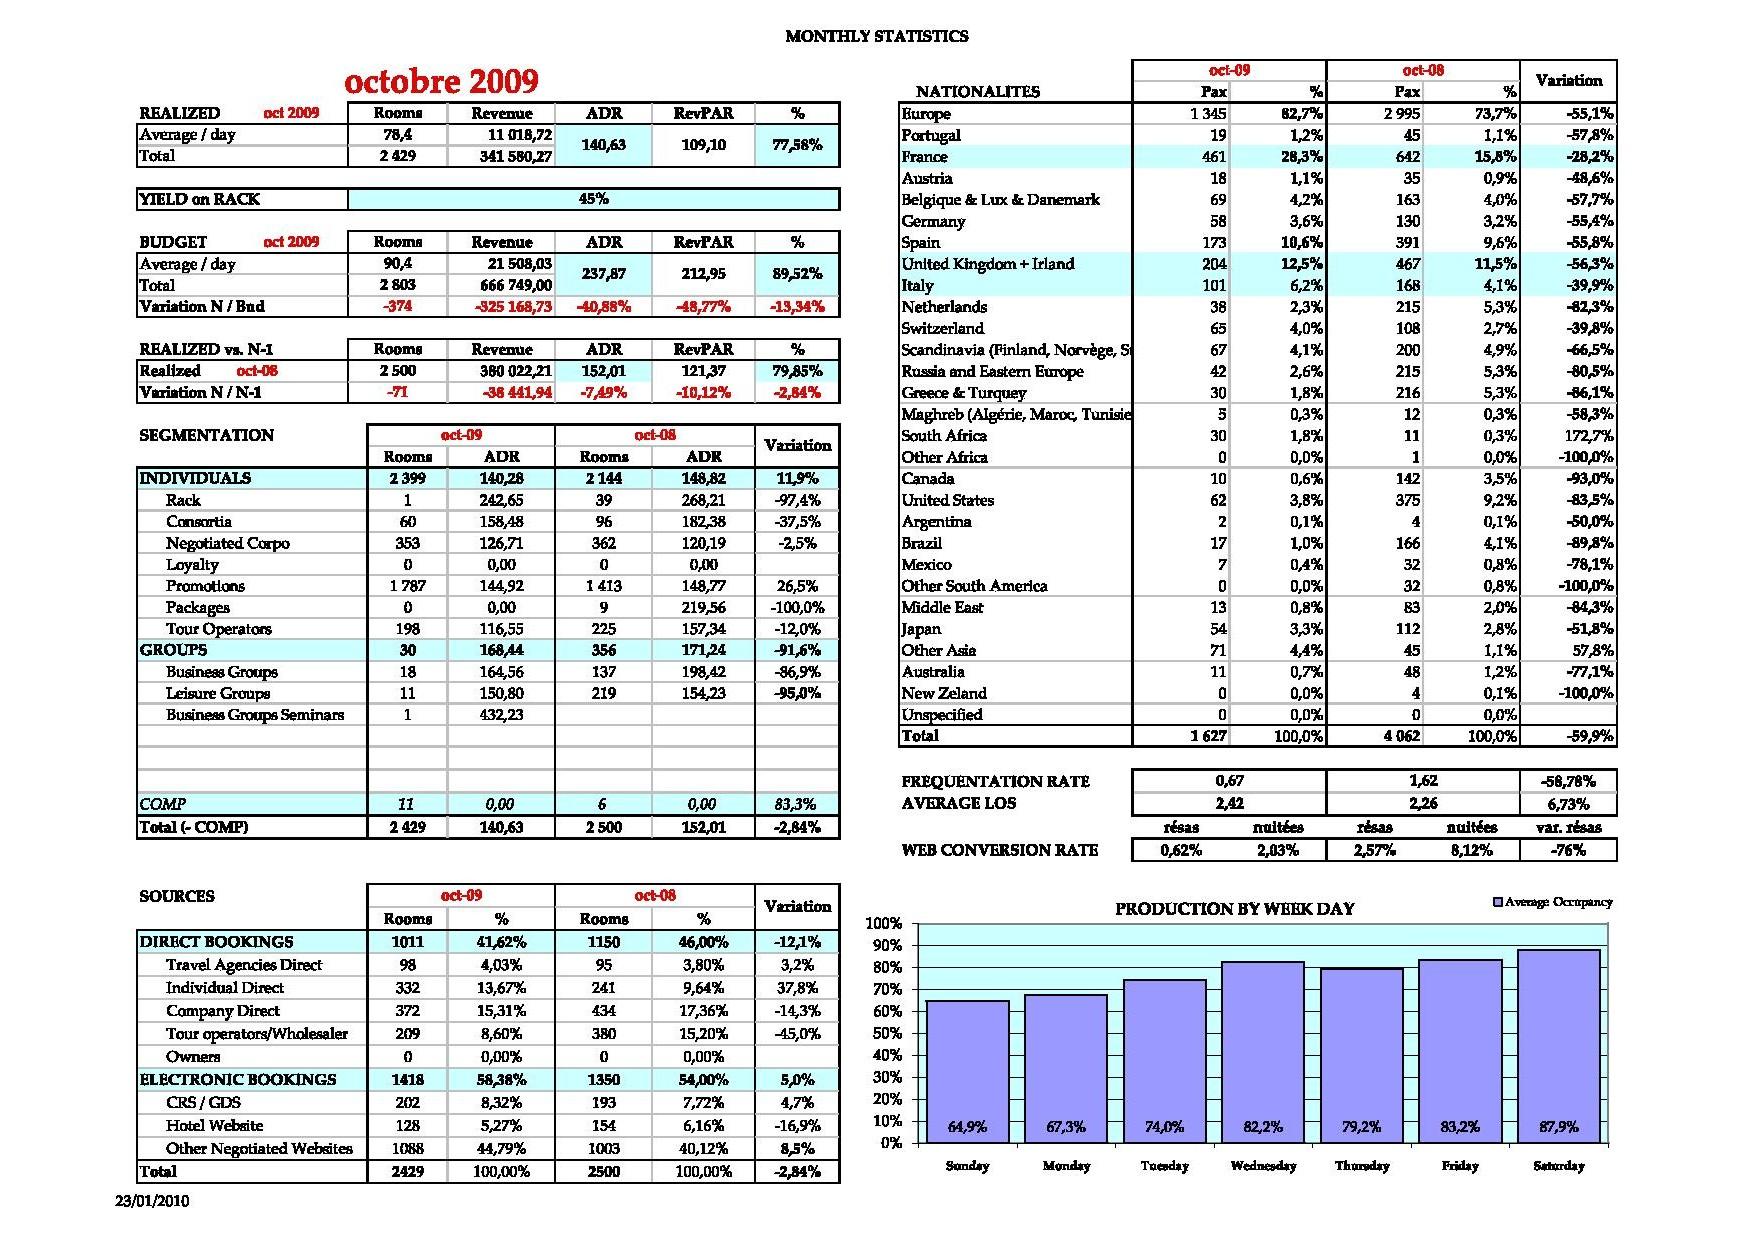 Statistiques mensuelles hébergement comprenant comparatif budget, N-1, segmentation, sources, nationalités, jours de semaines, indice de fréquentation, durée moyenne de séjour, taux de conversion du site web... Tout sur une seule page